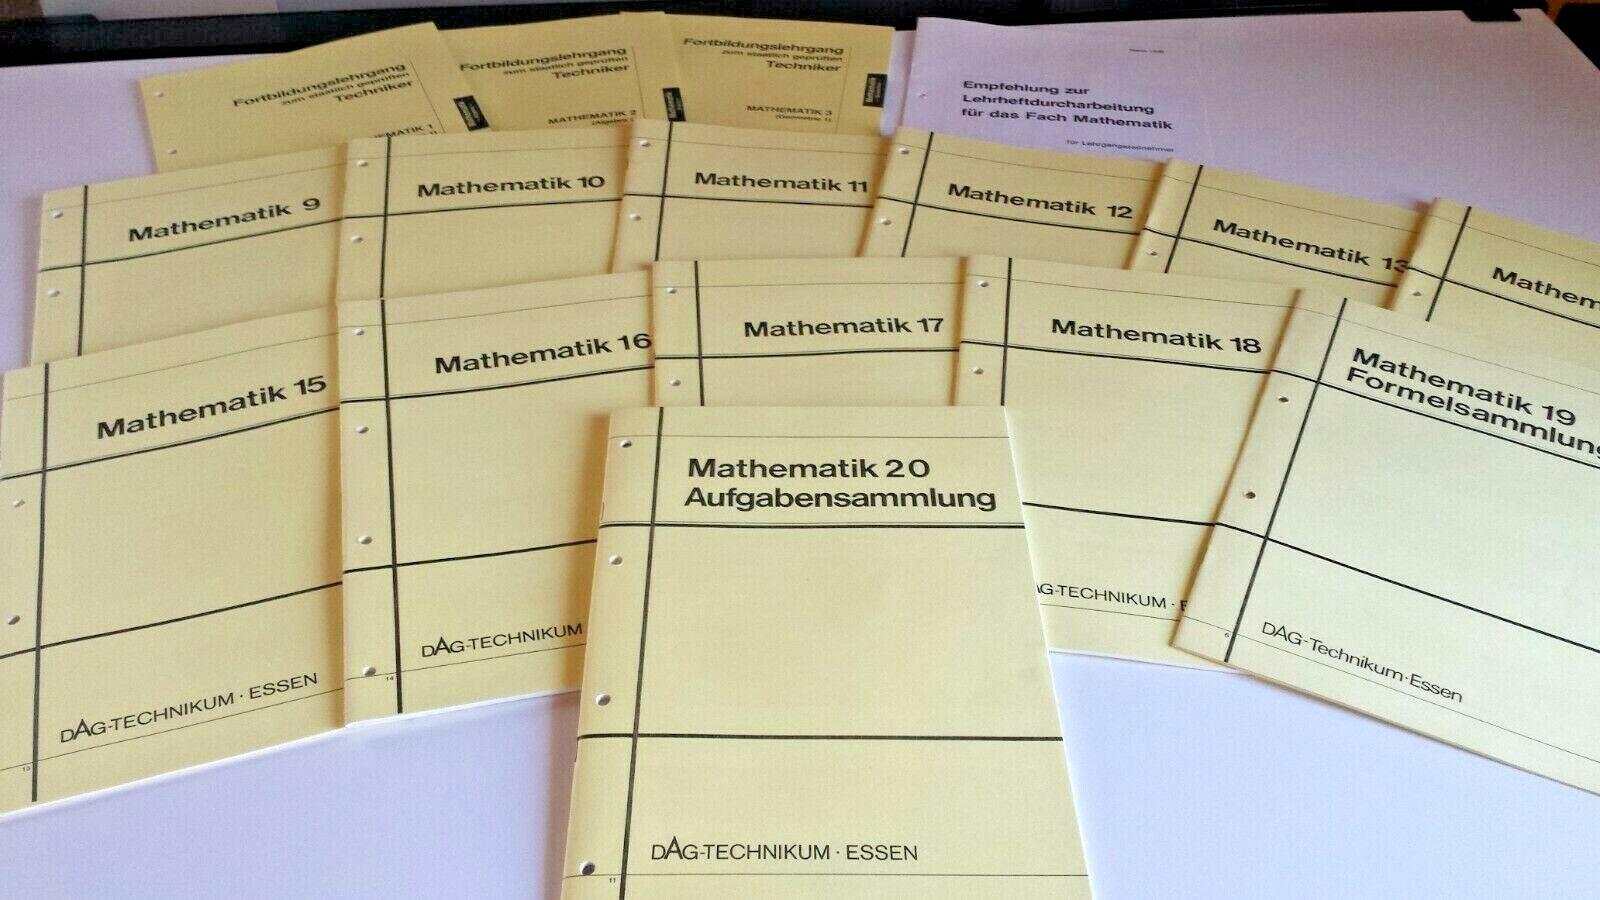 15 Mathematik - Lehrhefte, Grundlagen für technische Berufe, Fernunterricht